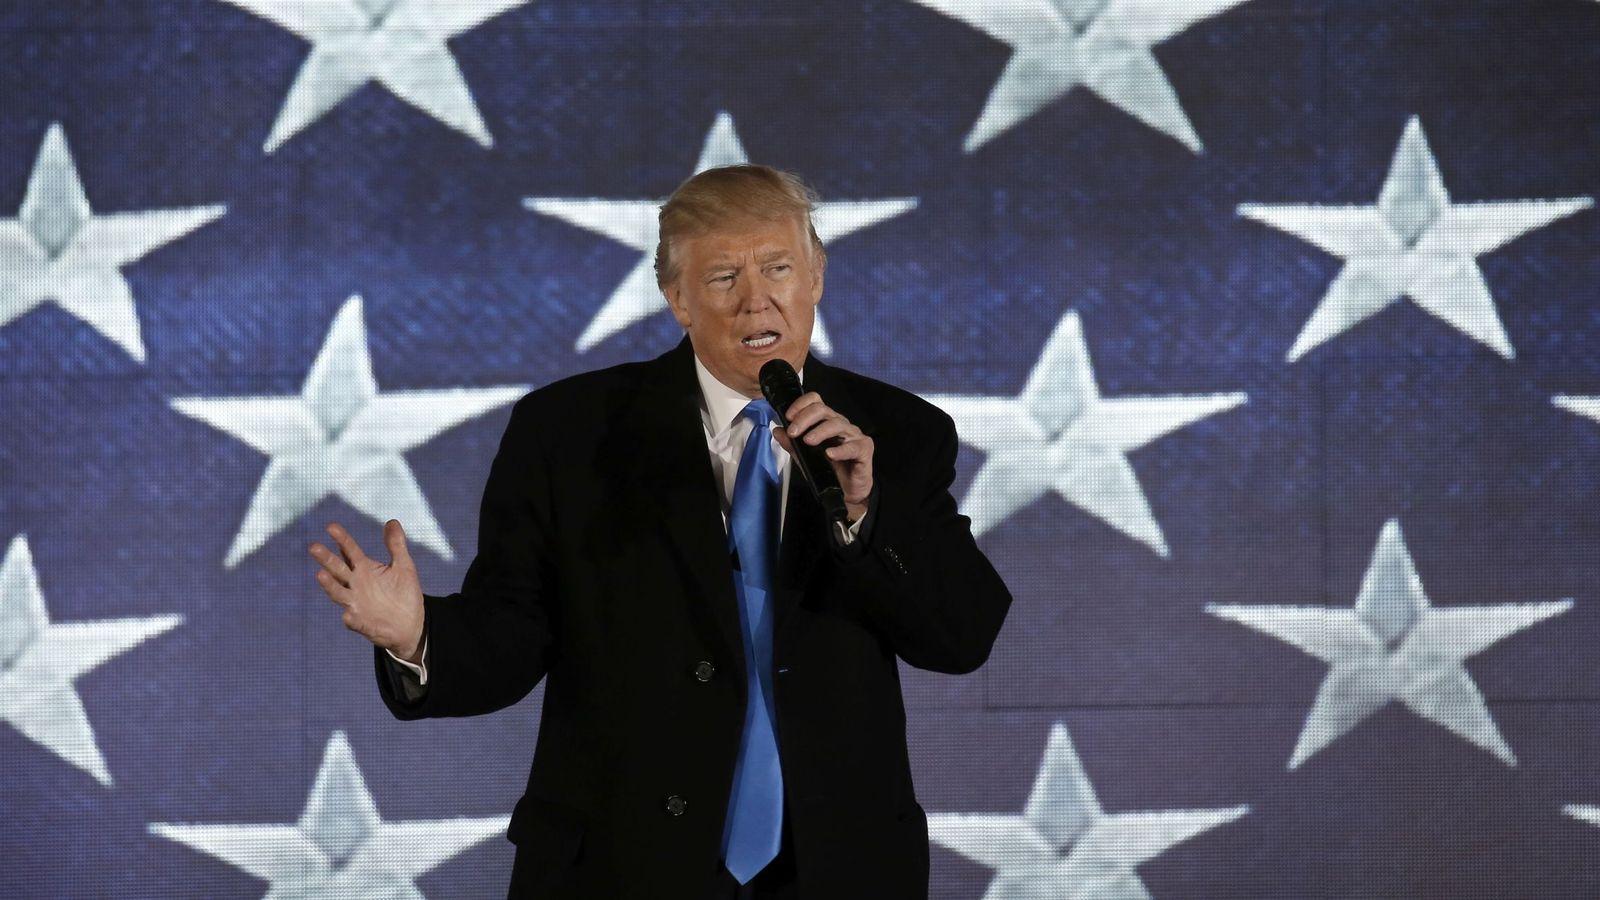 Foto: Silbatos, tambores o perros: lo que no se puede llevar a la investidura de Trump